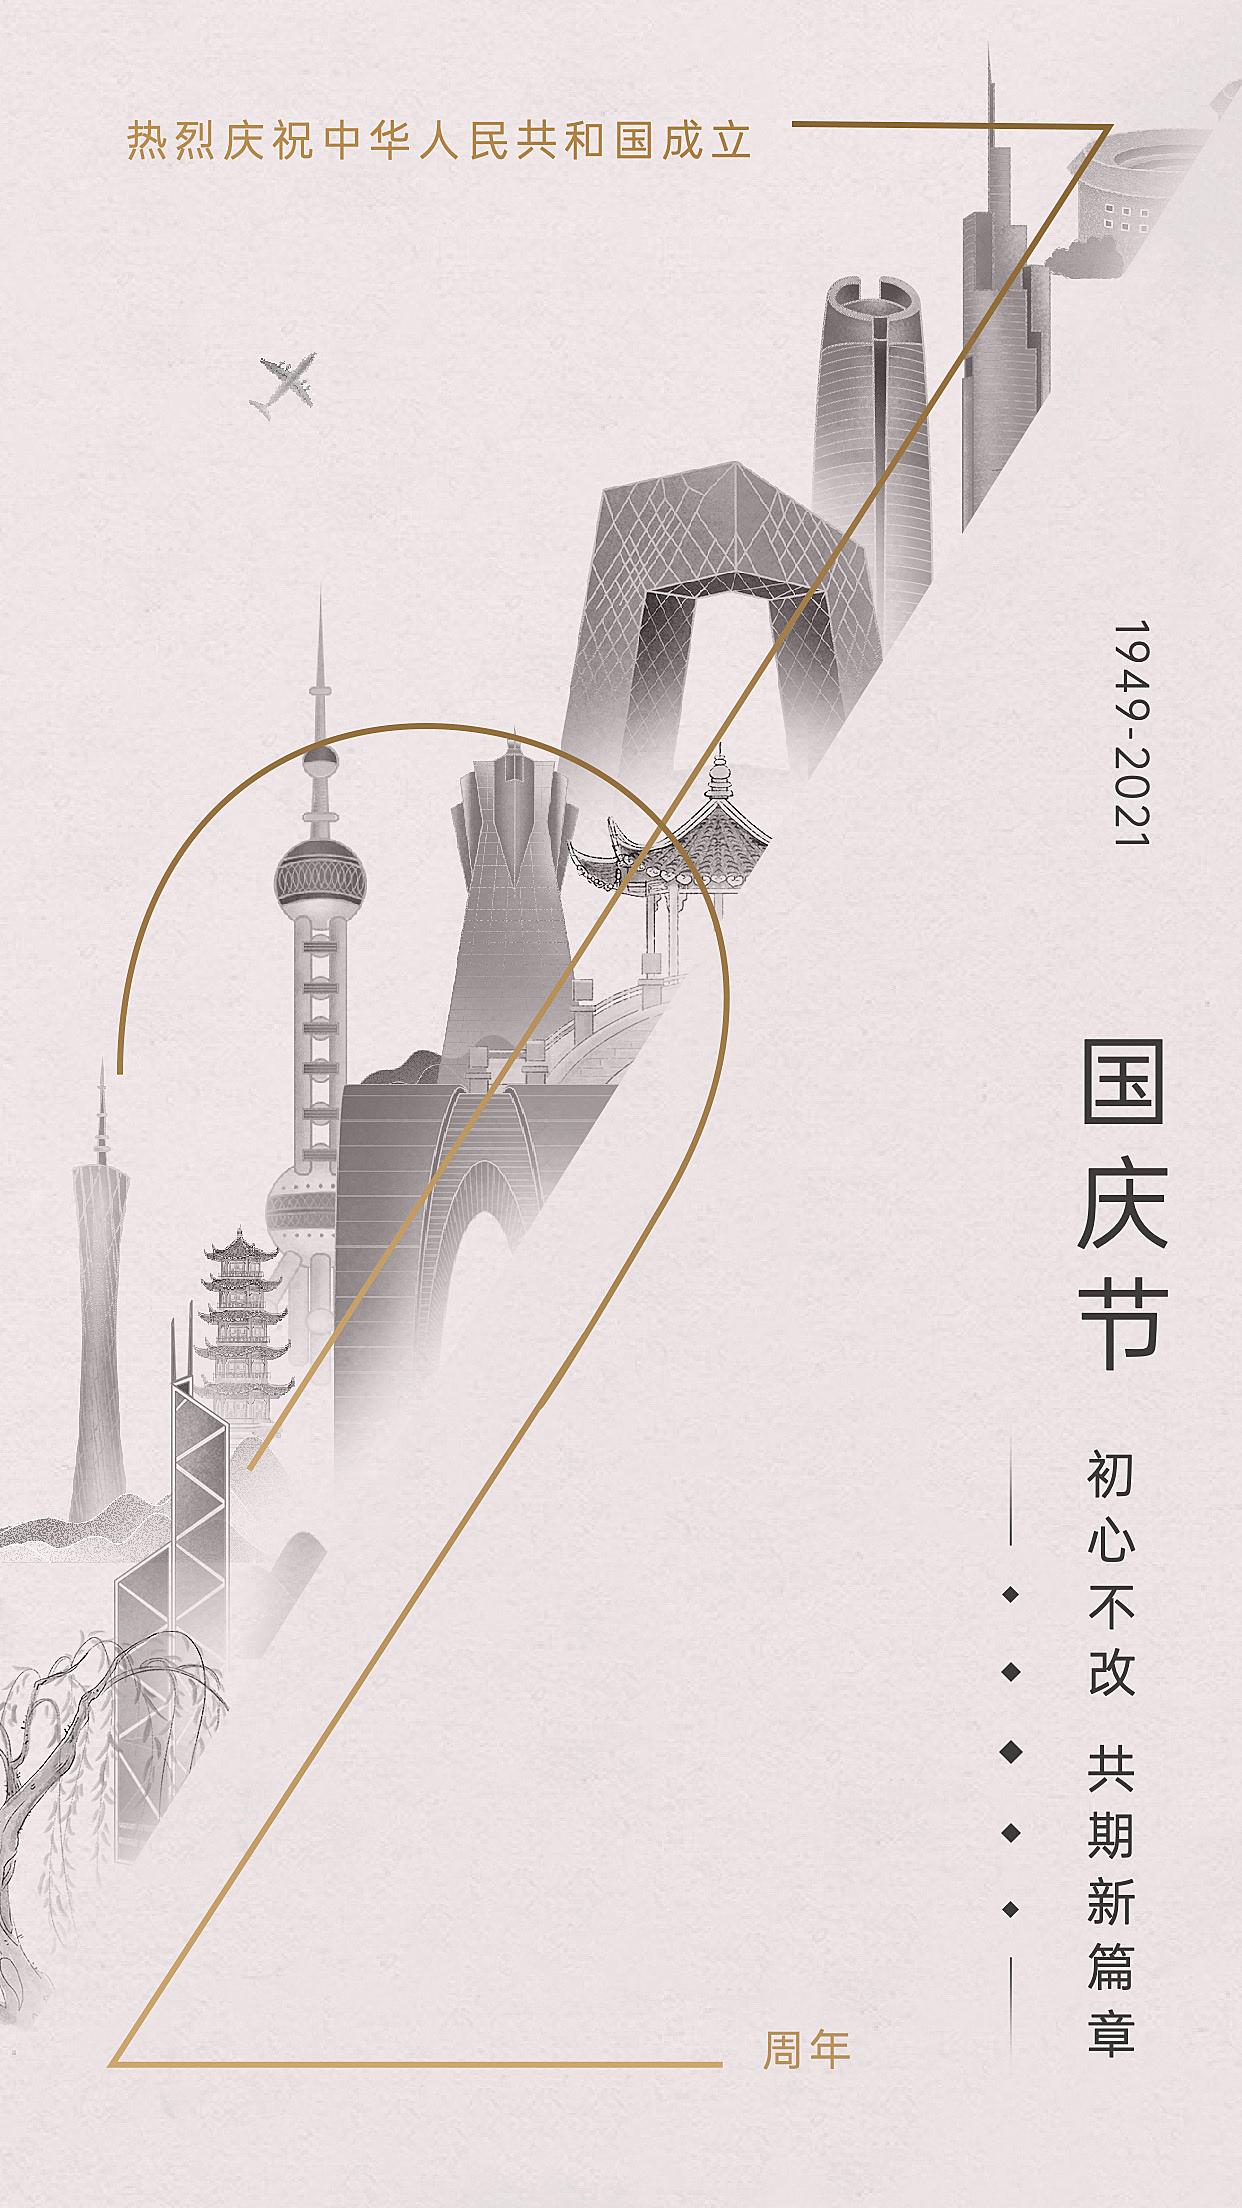 房地产十一国庆节72周年祝福海报